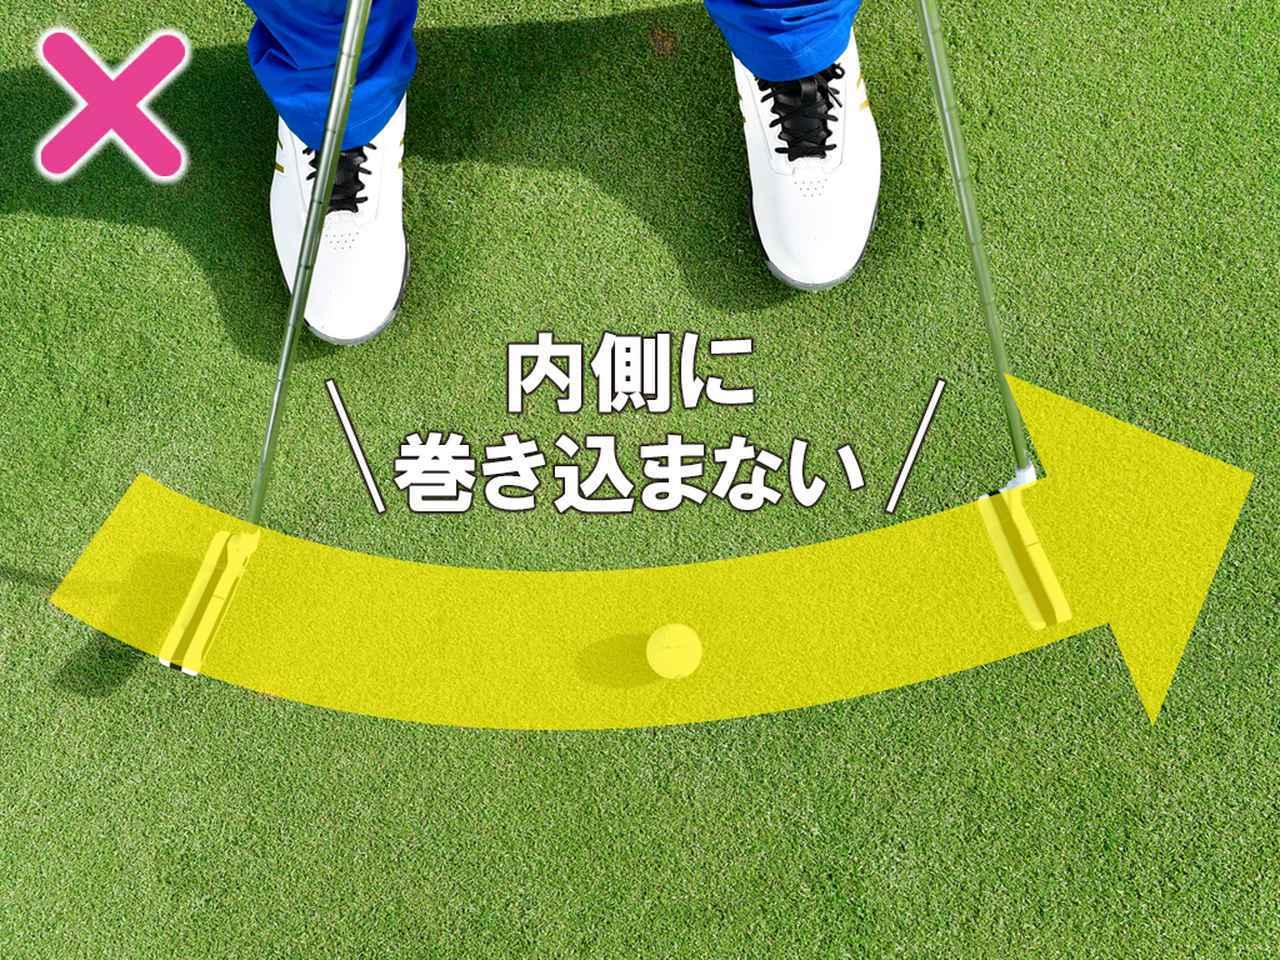 画像2: 【上りのフック】とにかく真っすぐ軌道で